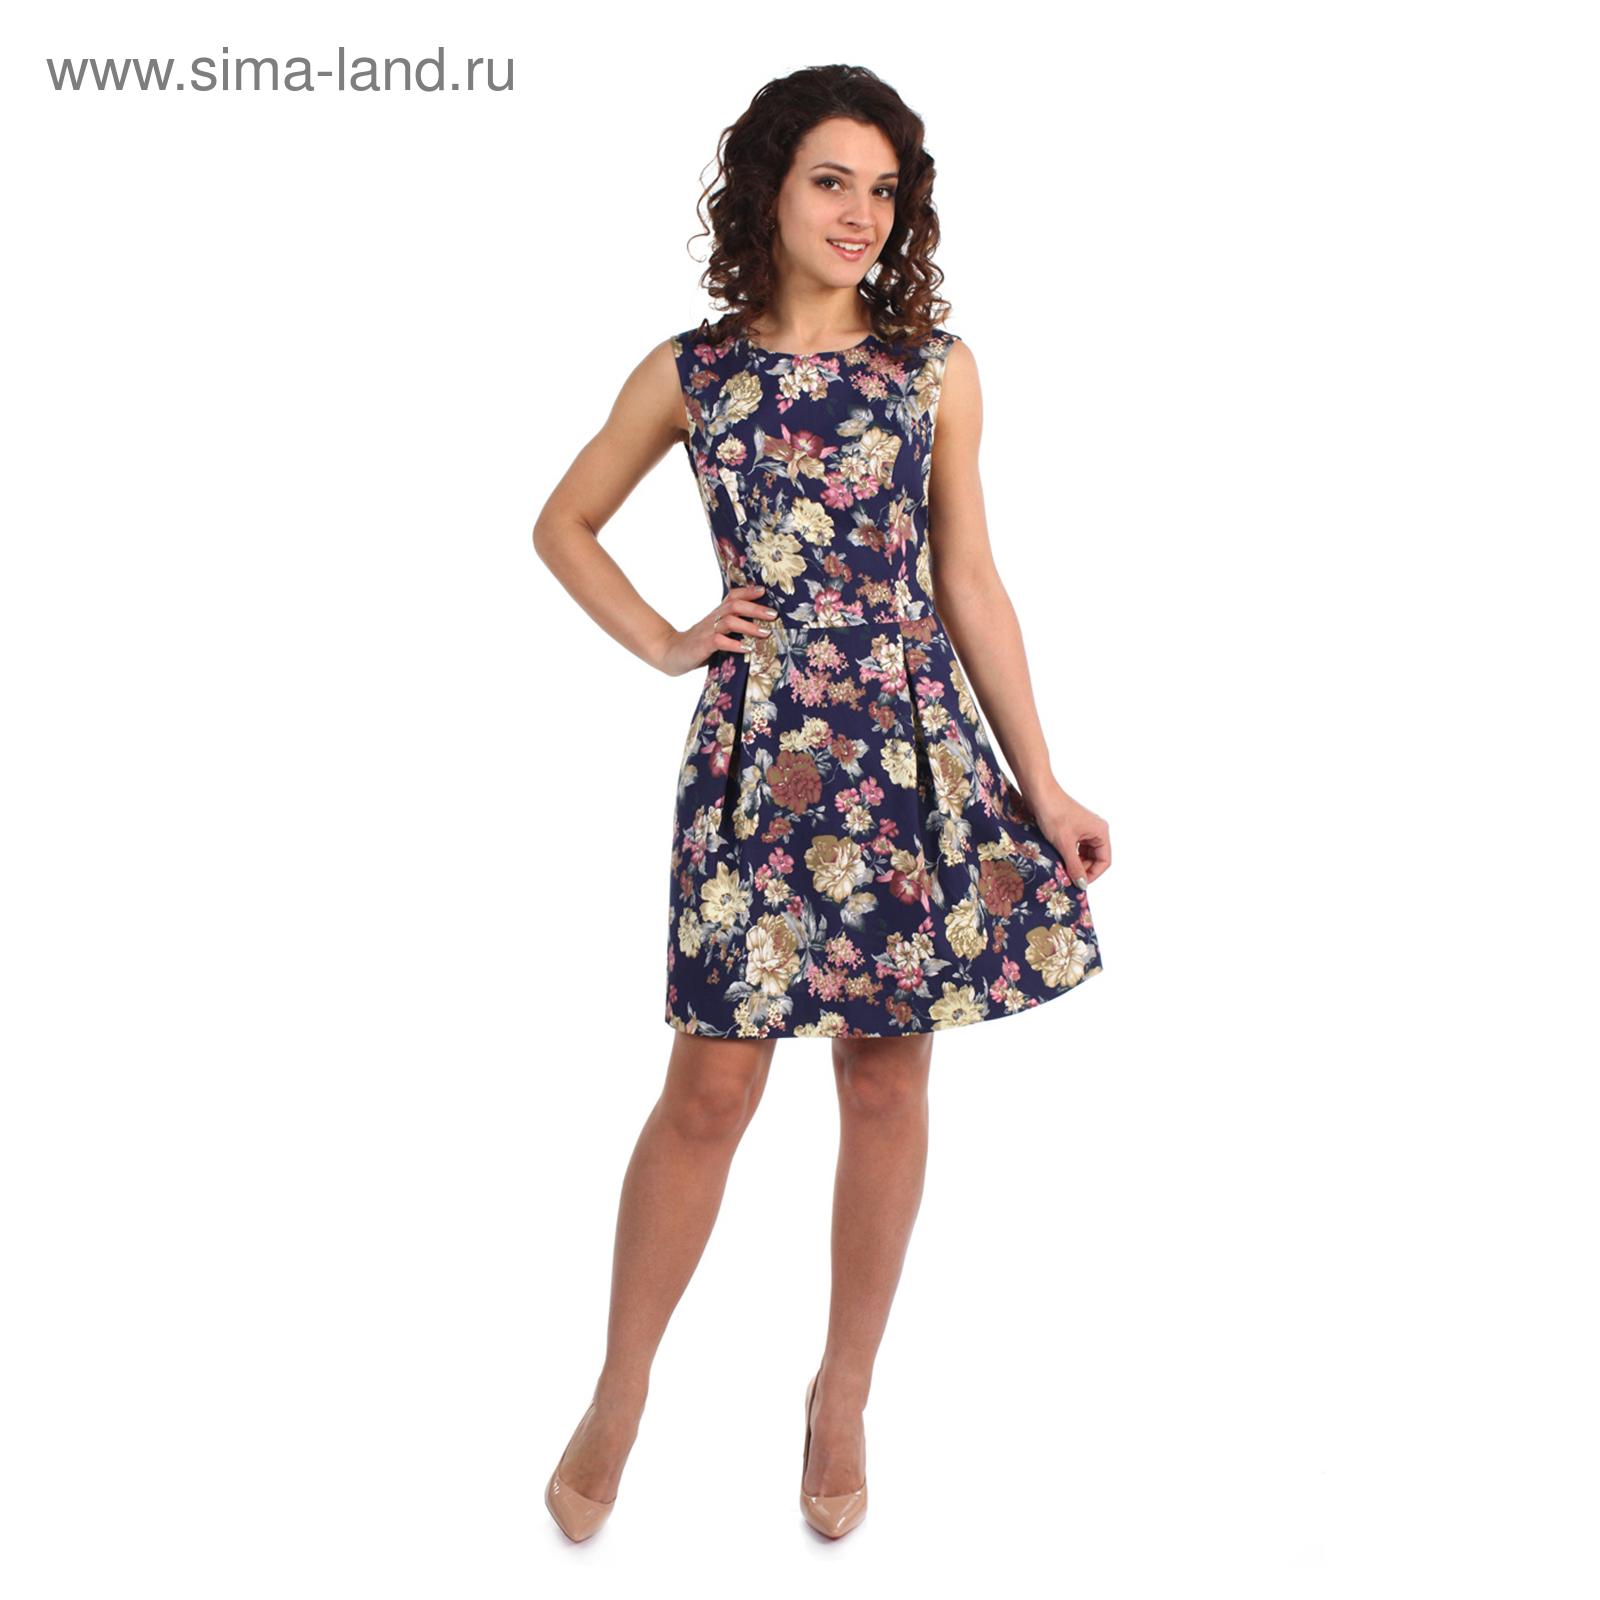 e4e61e172 Платье женское Моника принт цветы на тёмном фоне, р-р 44 (920 ...